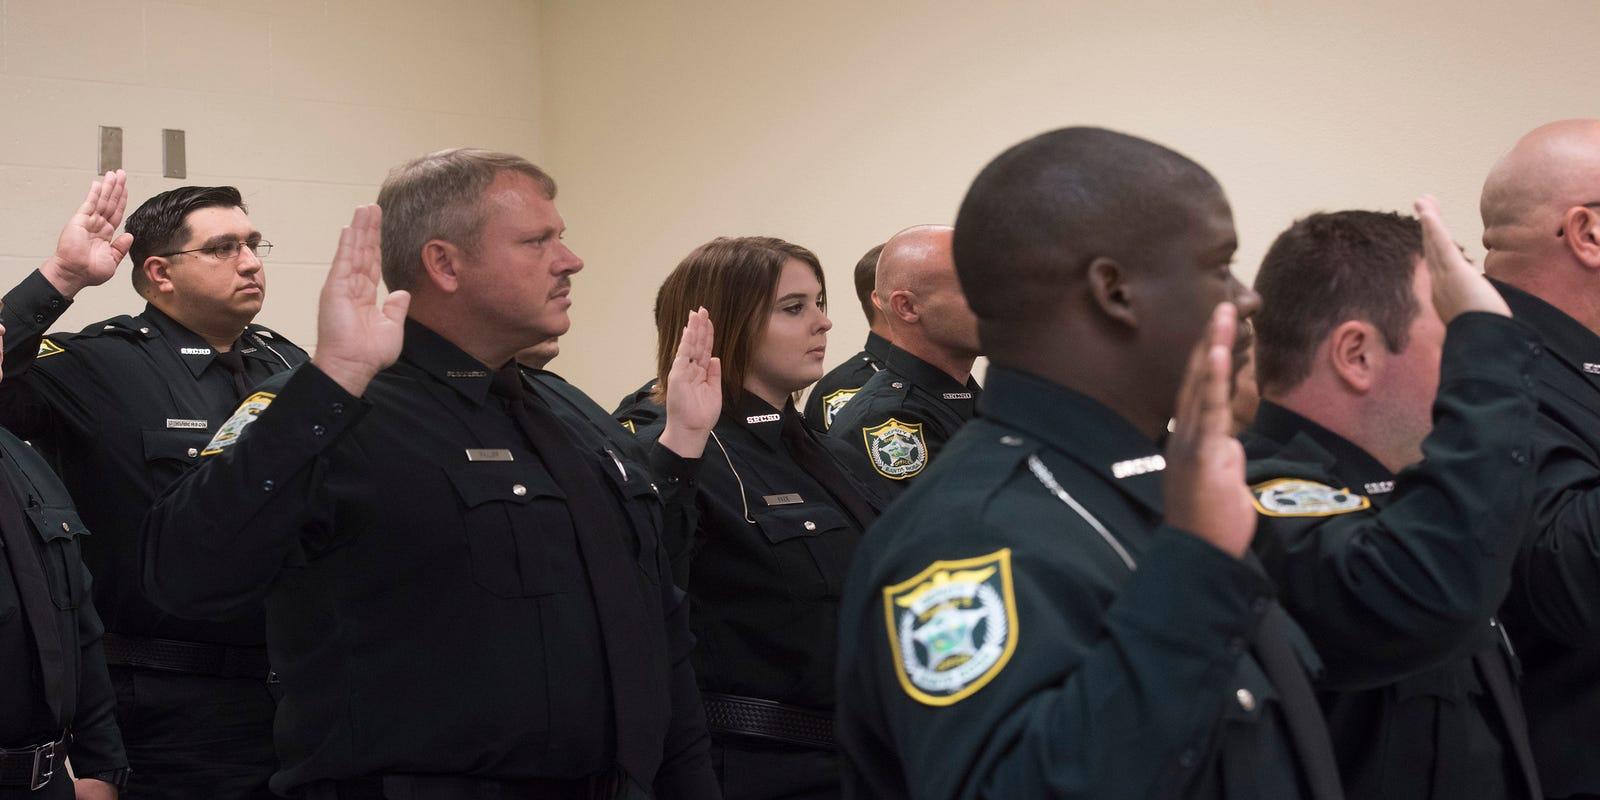 Santa Rosa County Sheriff's Office swears in 18 new deputies